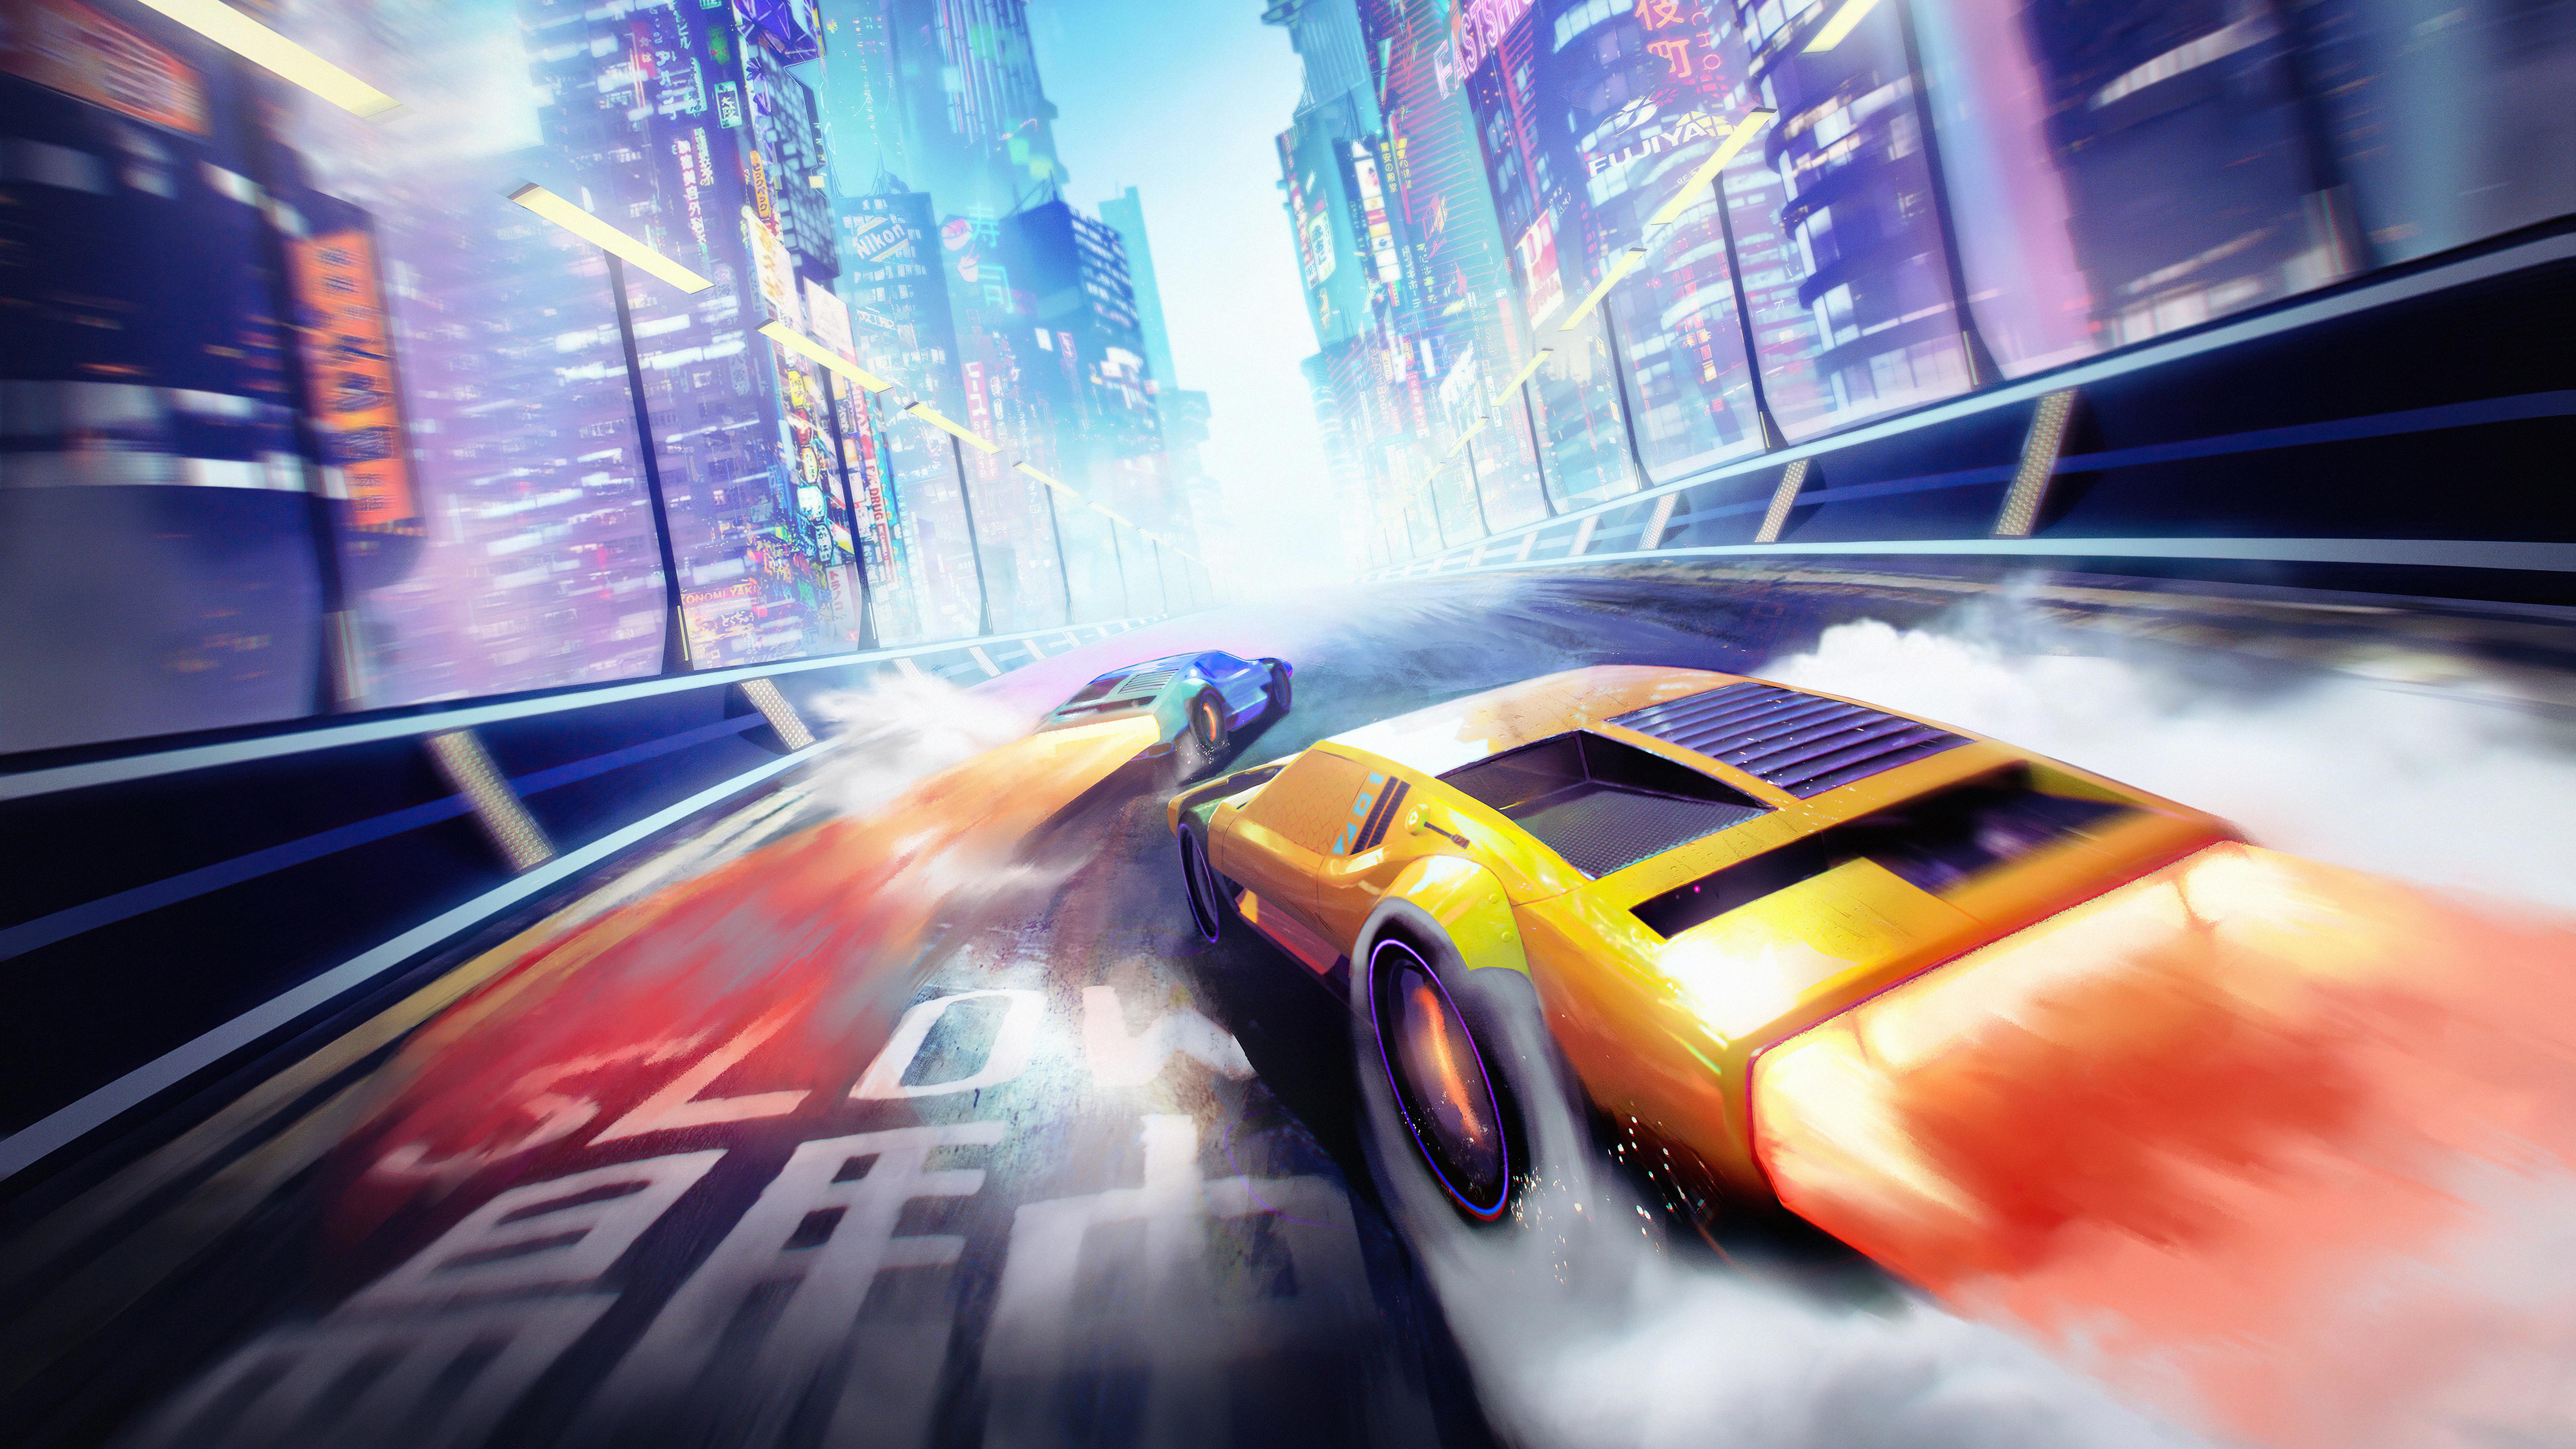 neo tokyo cyber cars 4k 1634170554 - Neo Tokyo Cyber Cars 4k - Neo Tokyo Cyber Cars wallpapers, Neo Tokyo Cyber Cars 4k wallpapers